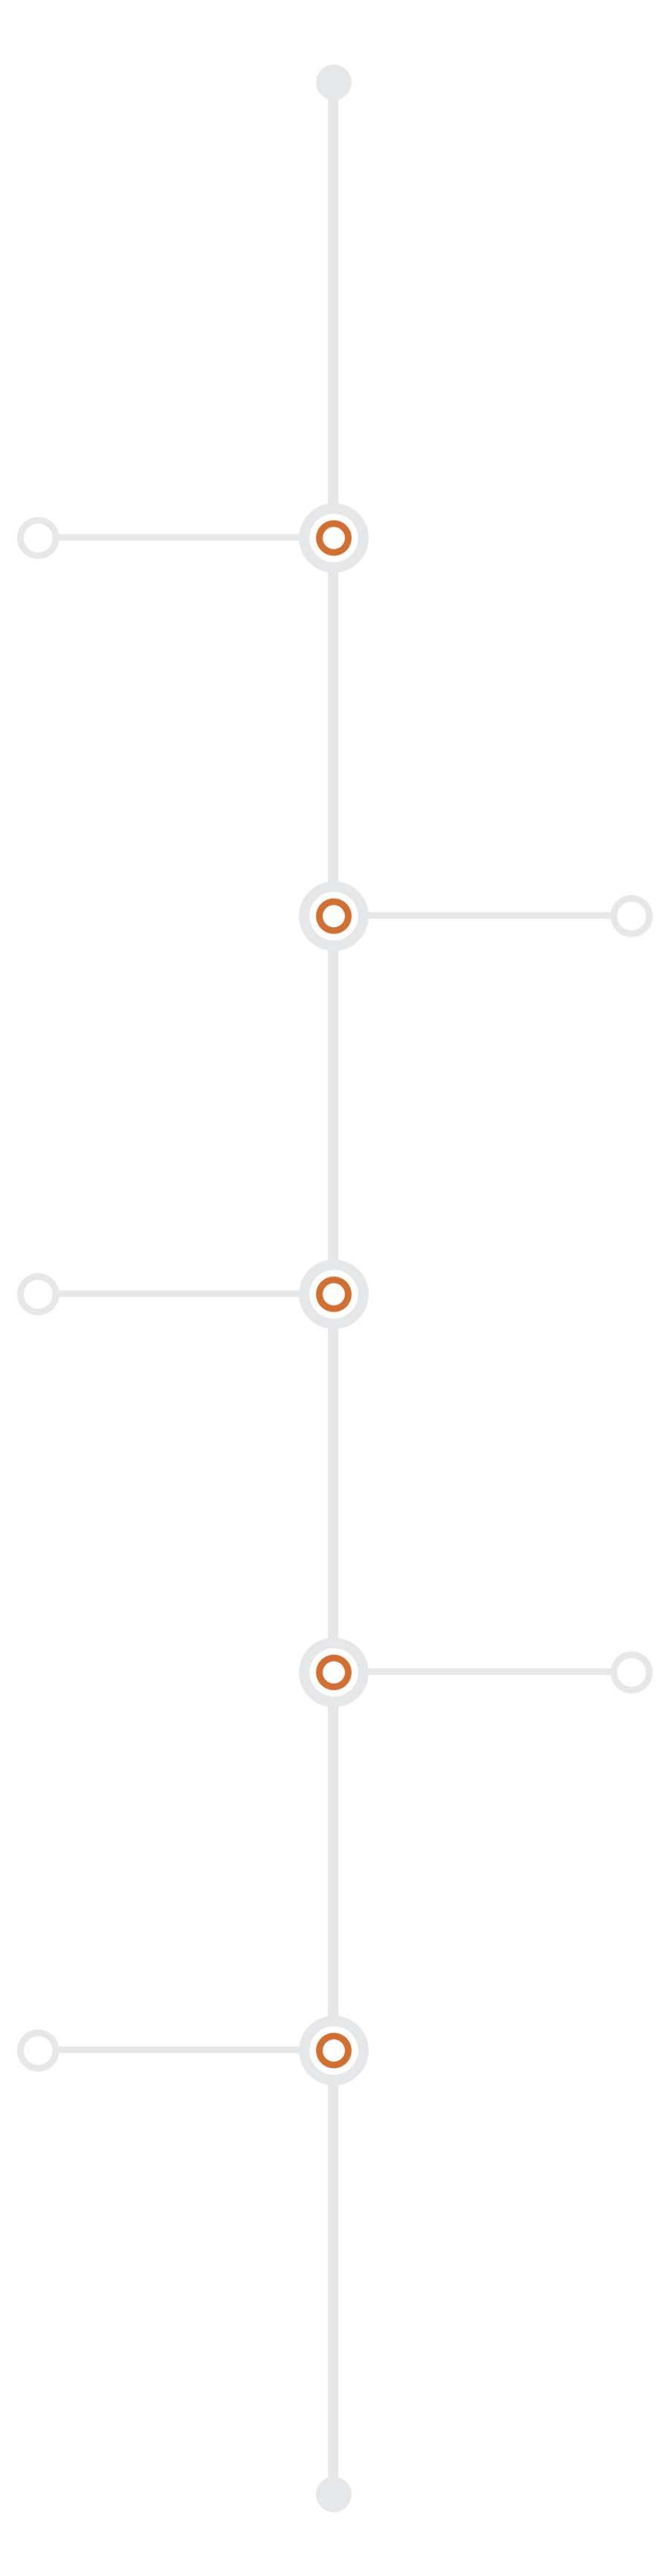 https://ldsv.ca/wp-content/uploads/2018/02/timeline-final.jpg